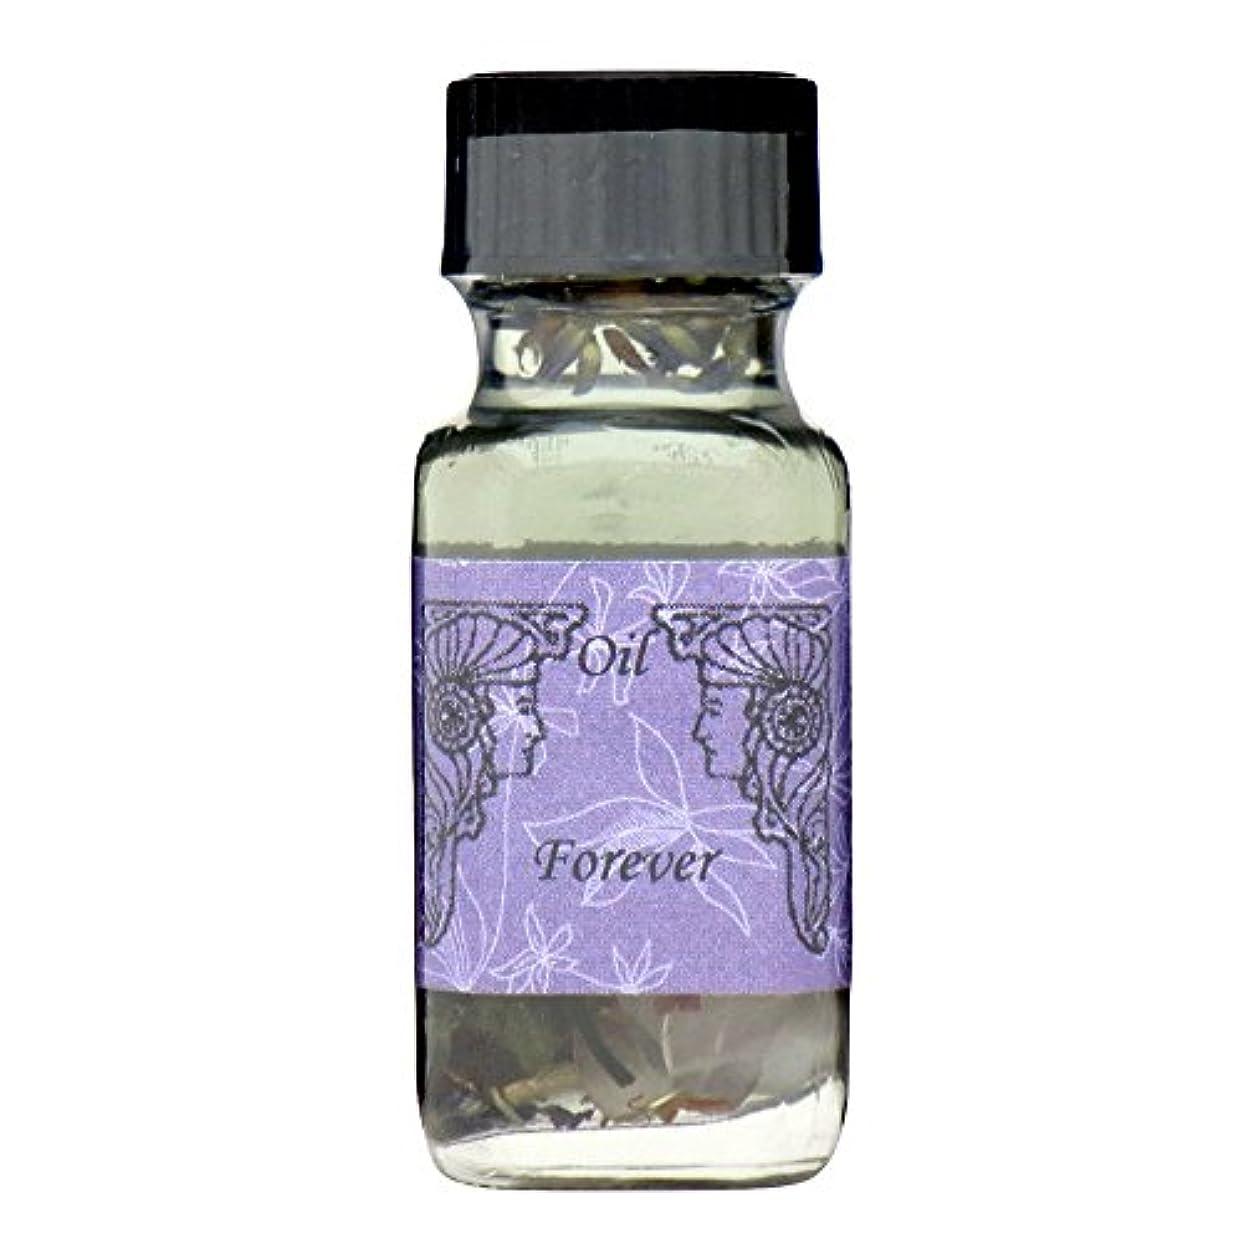 フライト仲人神のアンシェントメモリーオイル フォーエバー (永続的な関係) 15ml (Ancient Memory Oils)